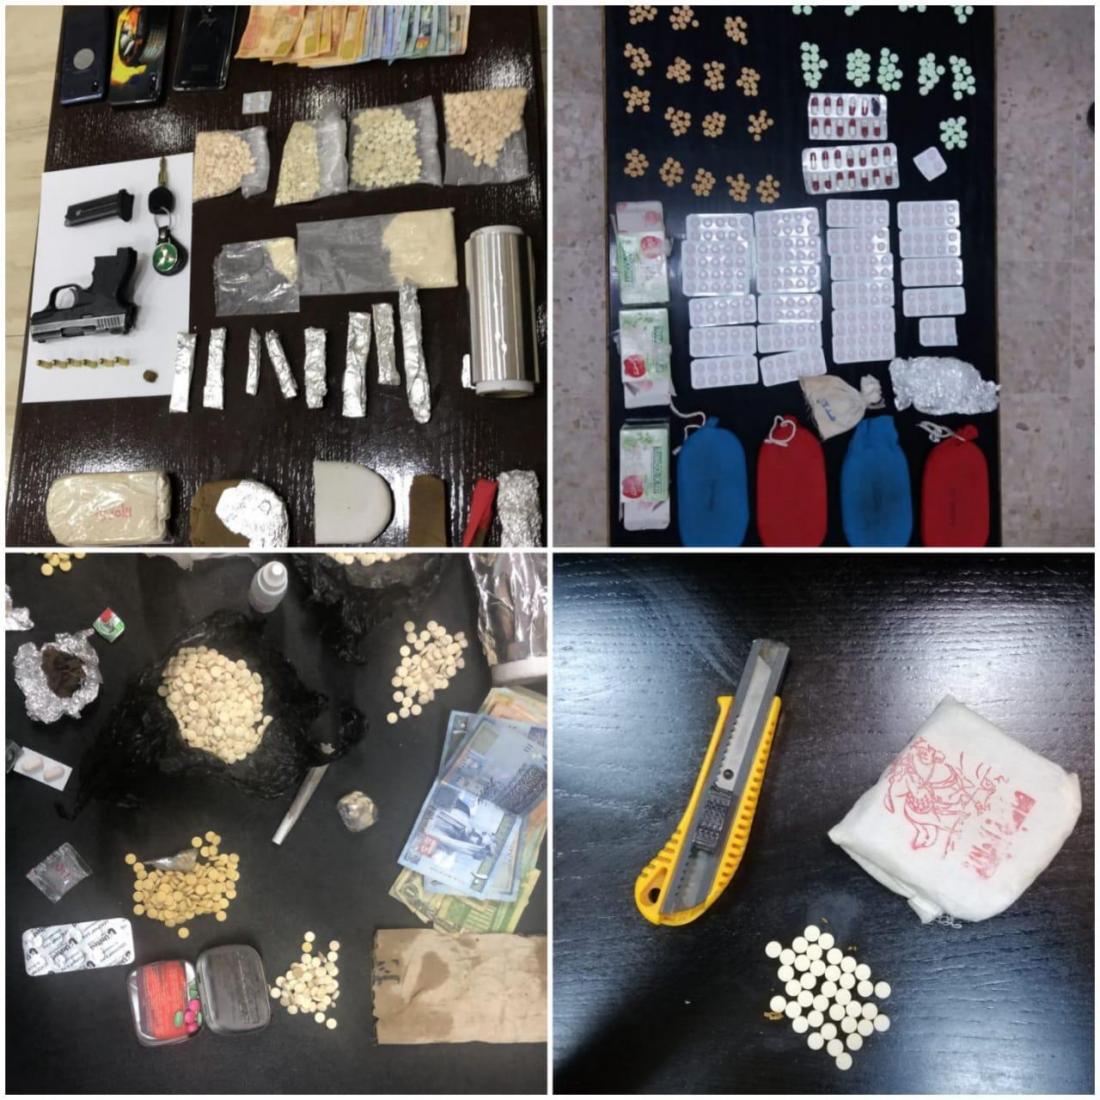 , بالصور ..  القبض على (16) شخصاً بحوزتهم مخدرات واسلحة نارية